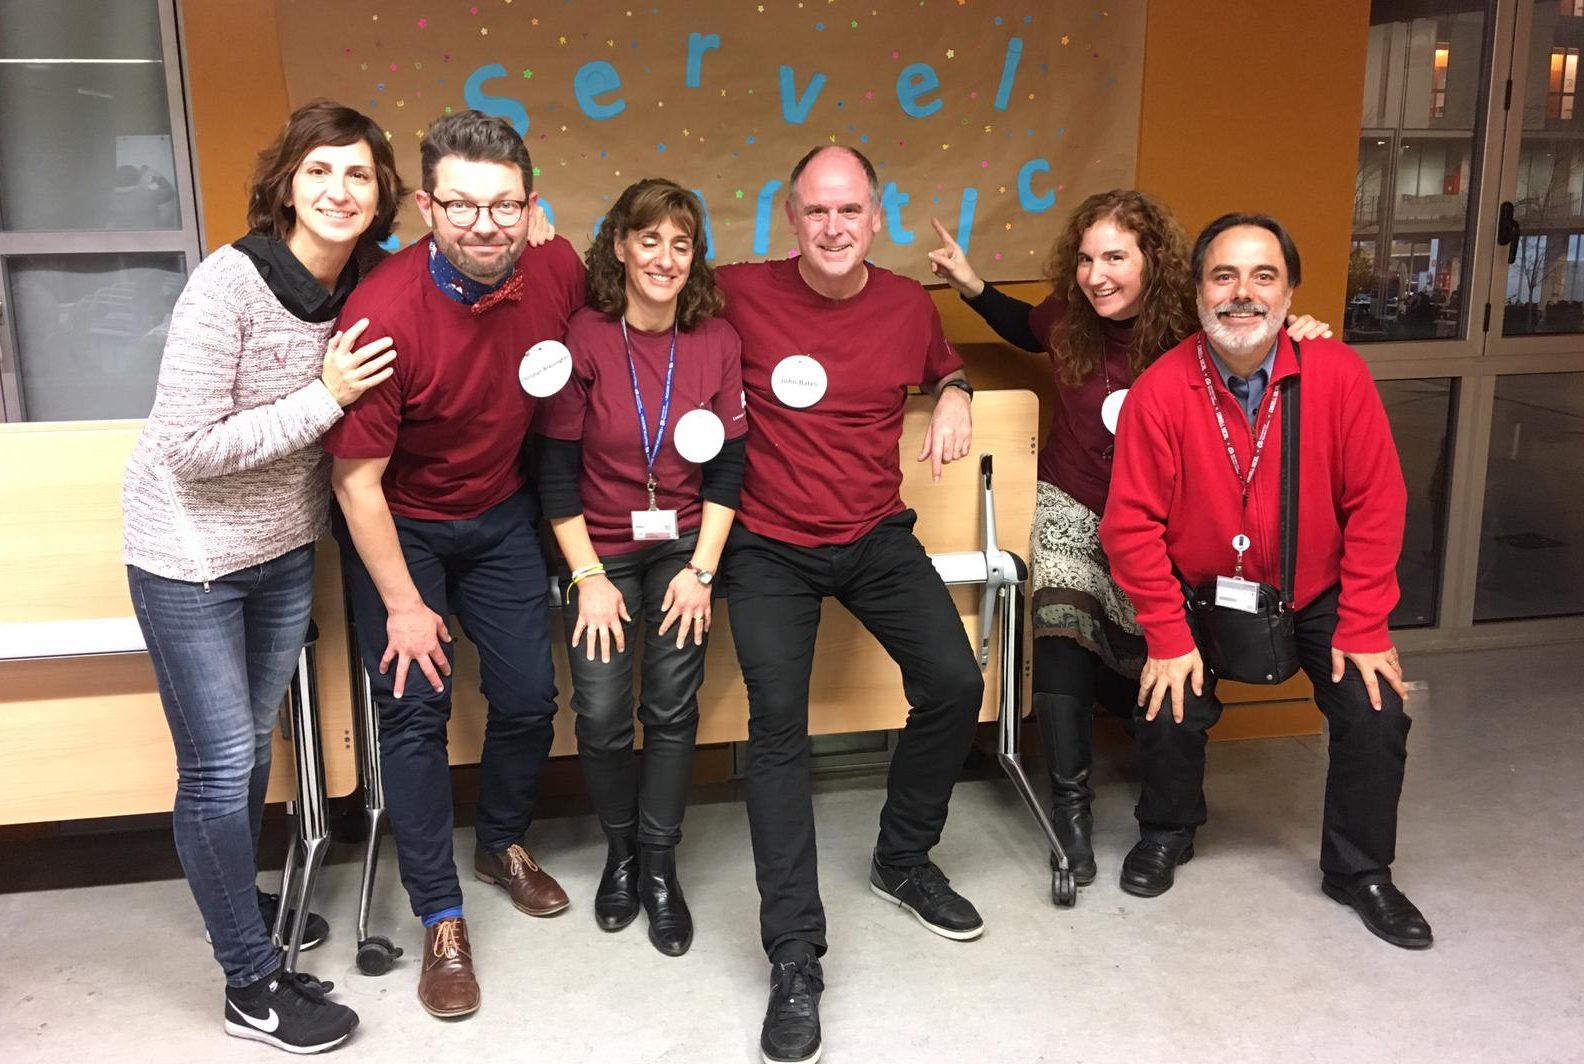 Llengües viperines, format per personal del Servei Lingüístic de la URV, va ser l'equip finalista.